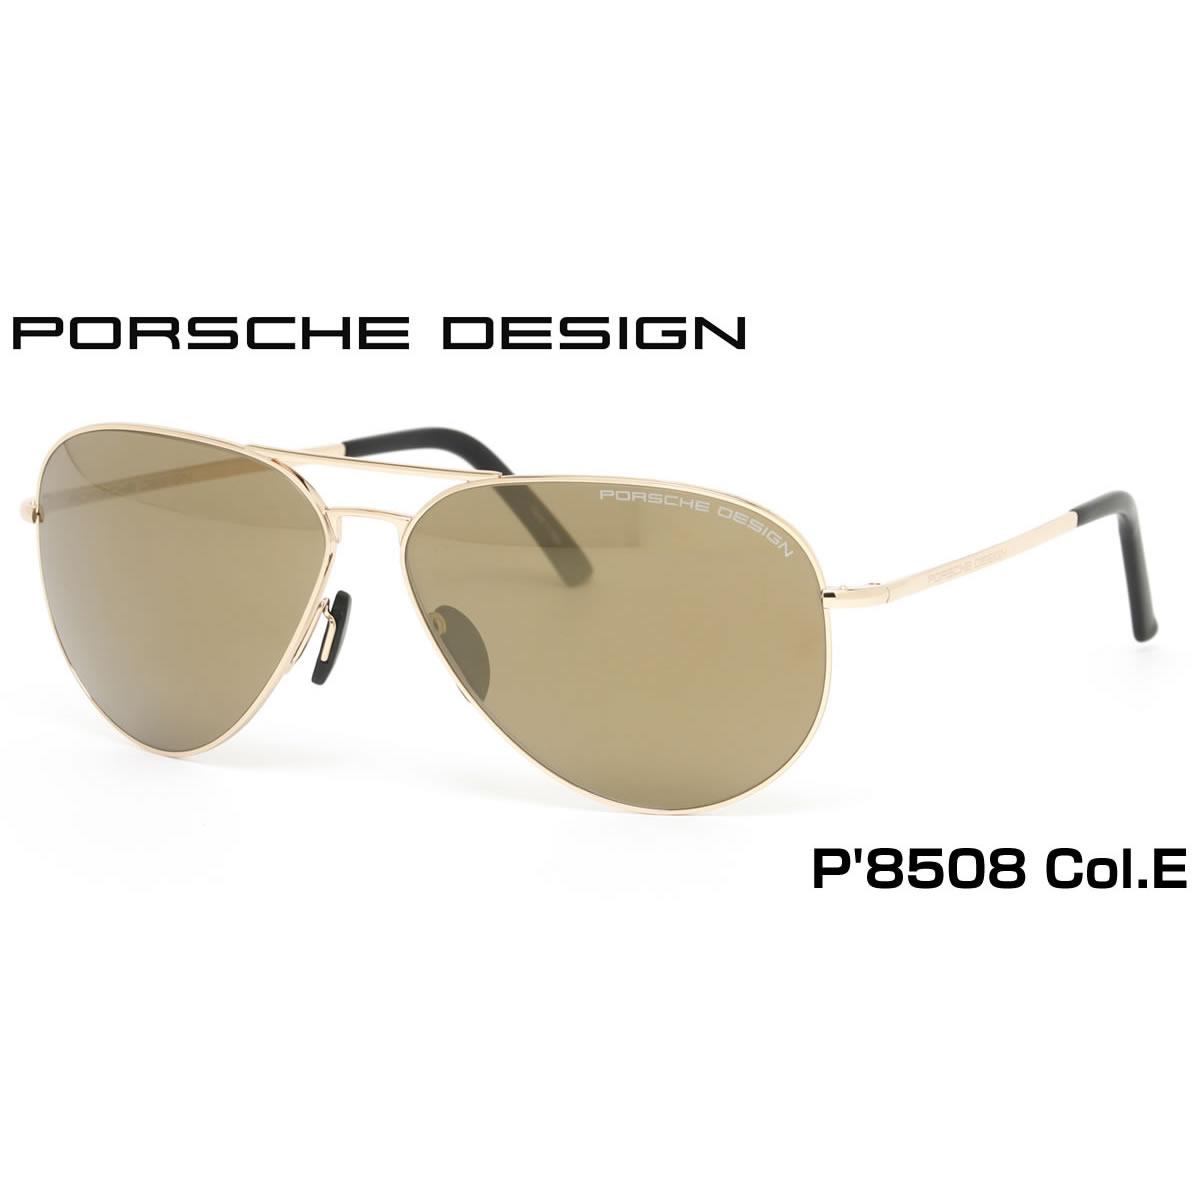 Porsche Design Sonnenbrille (P8508 E 62) vd66Fo